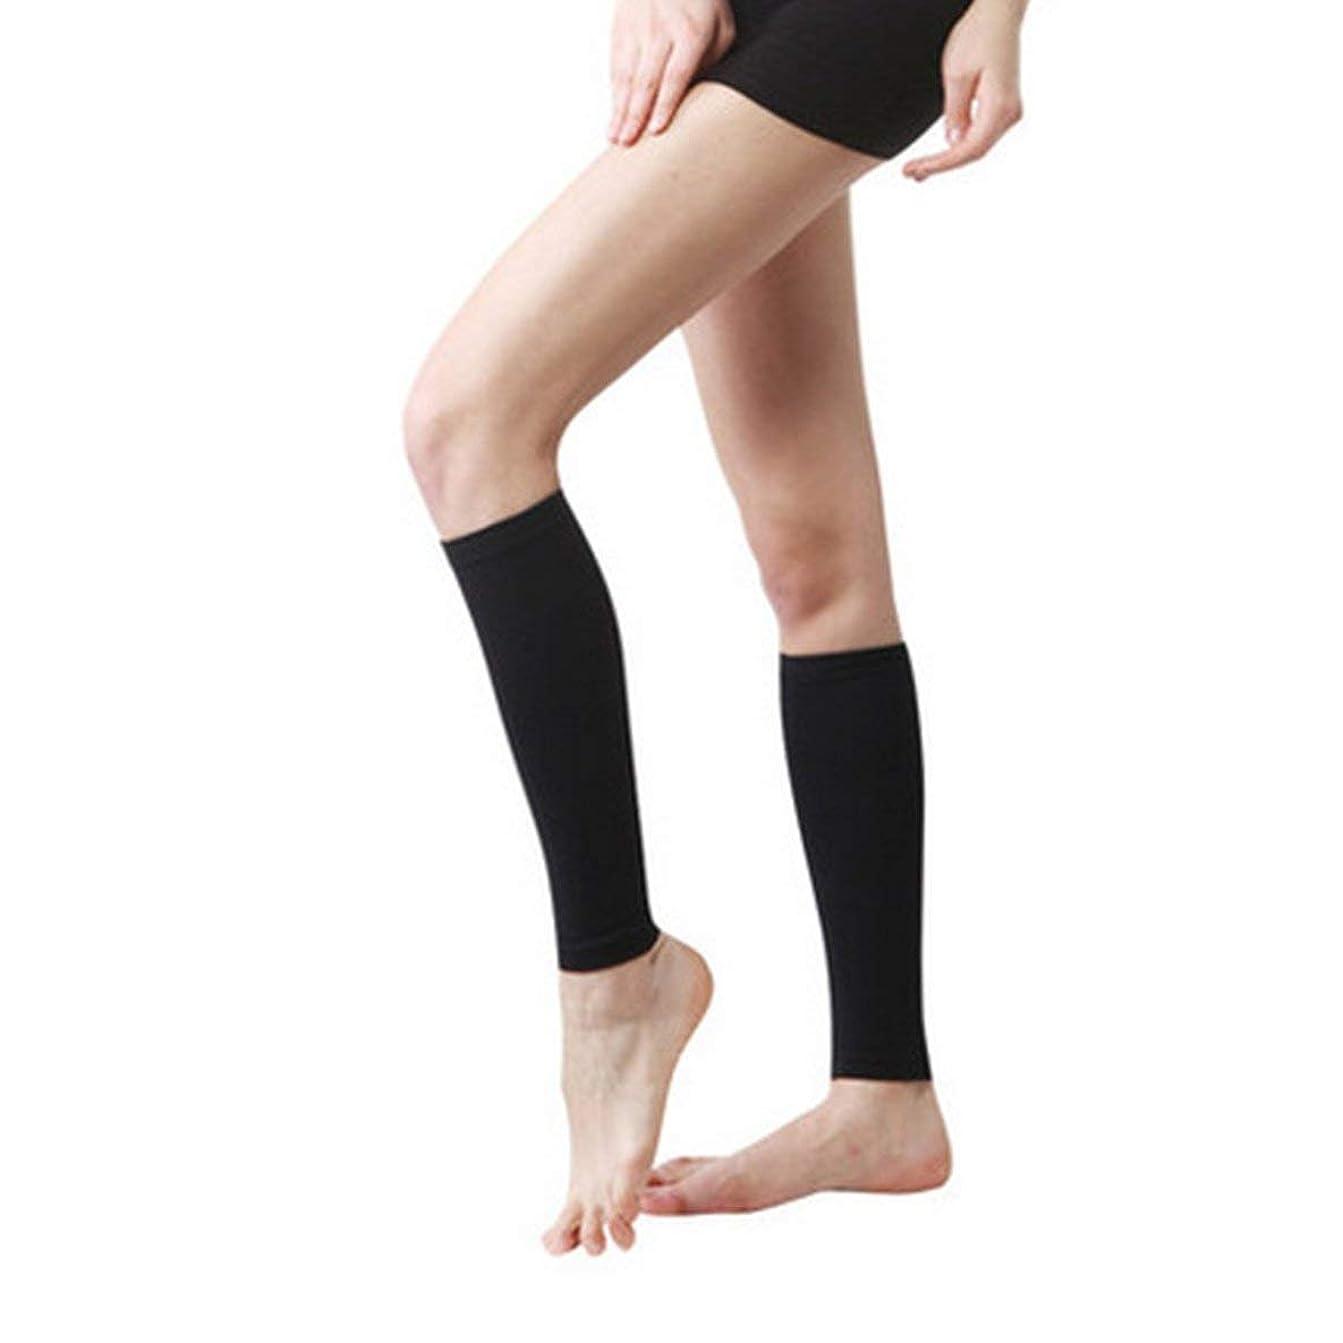 放射能圧倒的規範丈夫な男性女性プロの圧縮靴下通気性のある旅行活動看護師用シンススプリントフライトトラベル - ブラック